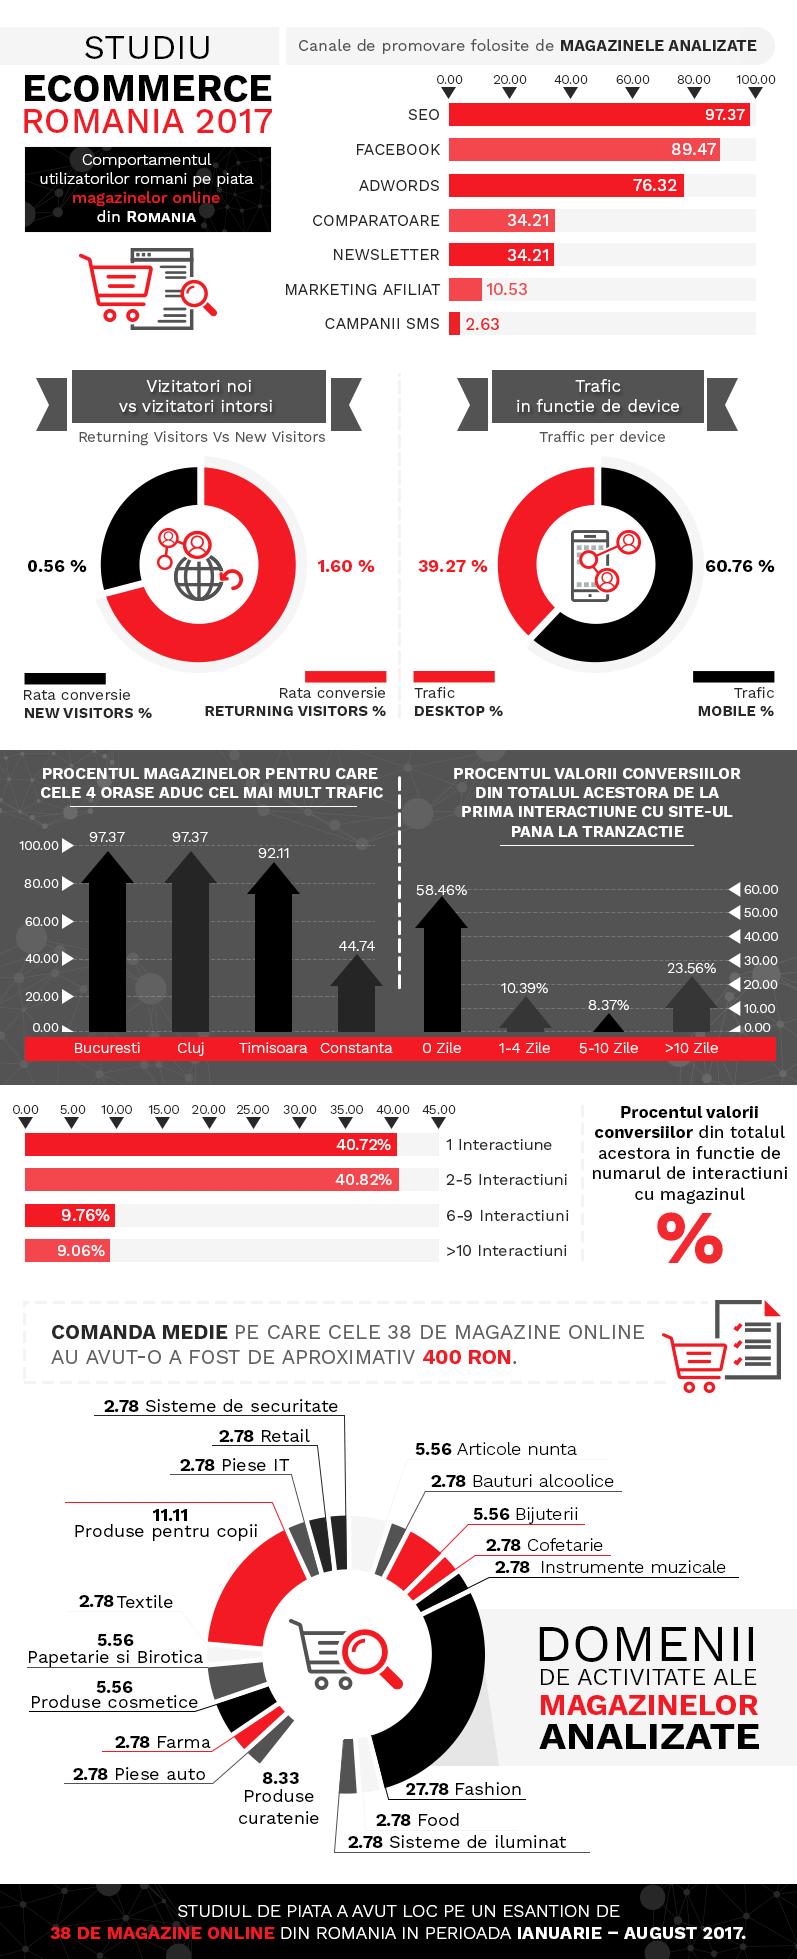 Infografic Studiu de piata Ecommerce Romania